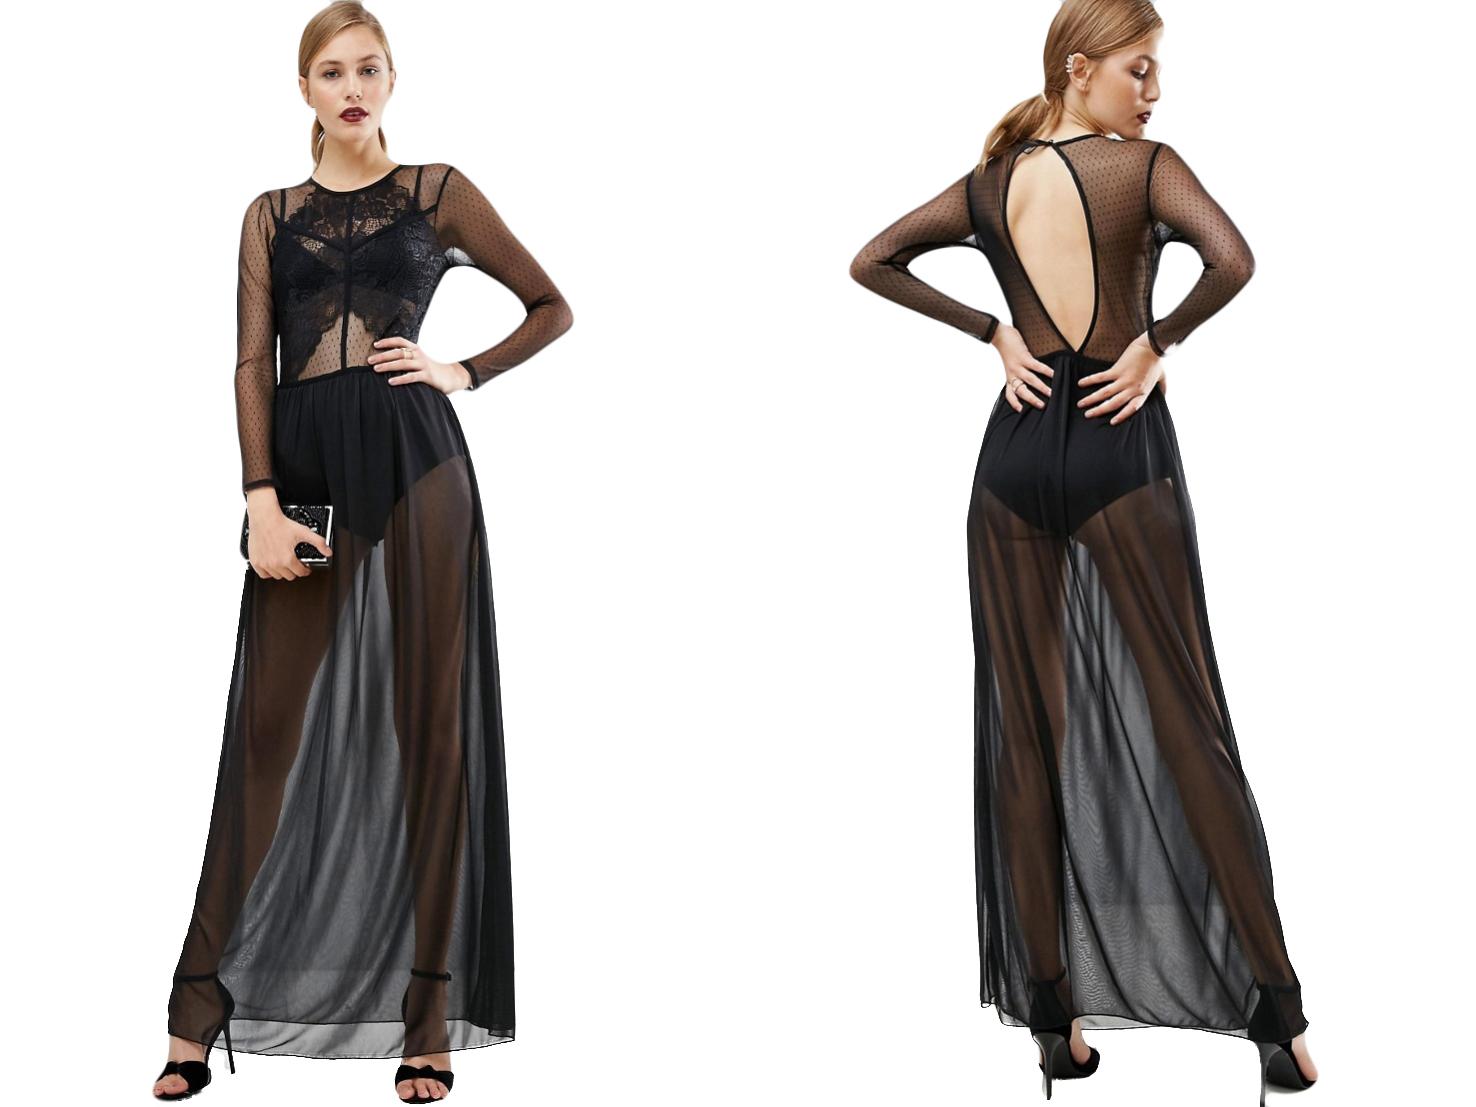 Czarna koronkowa sukienka maxi siateczka 42/XL